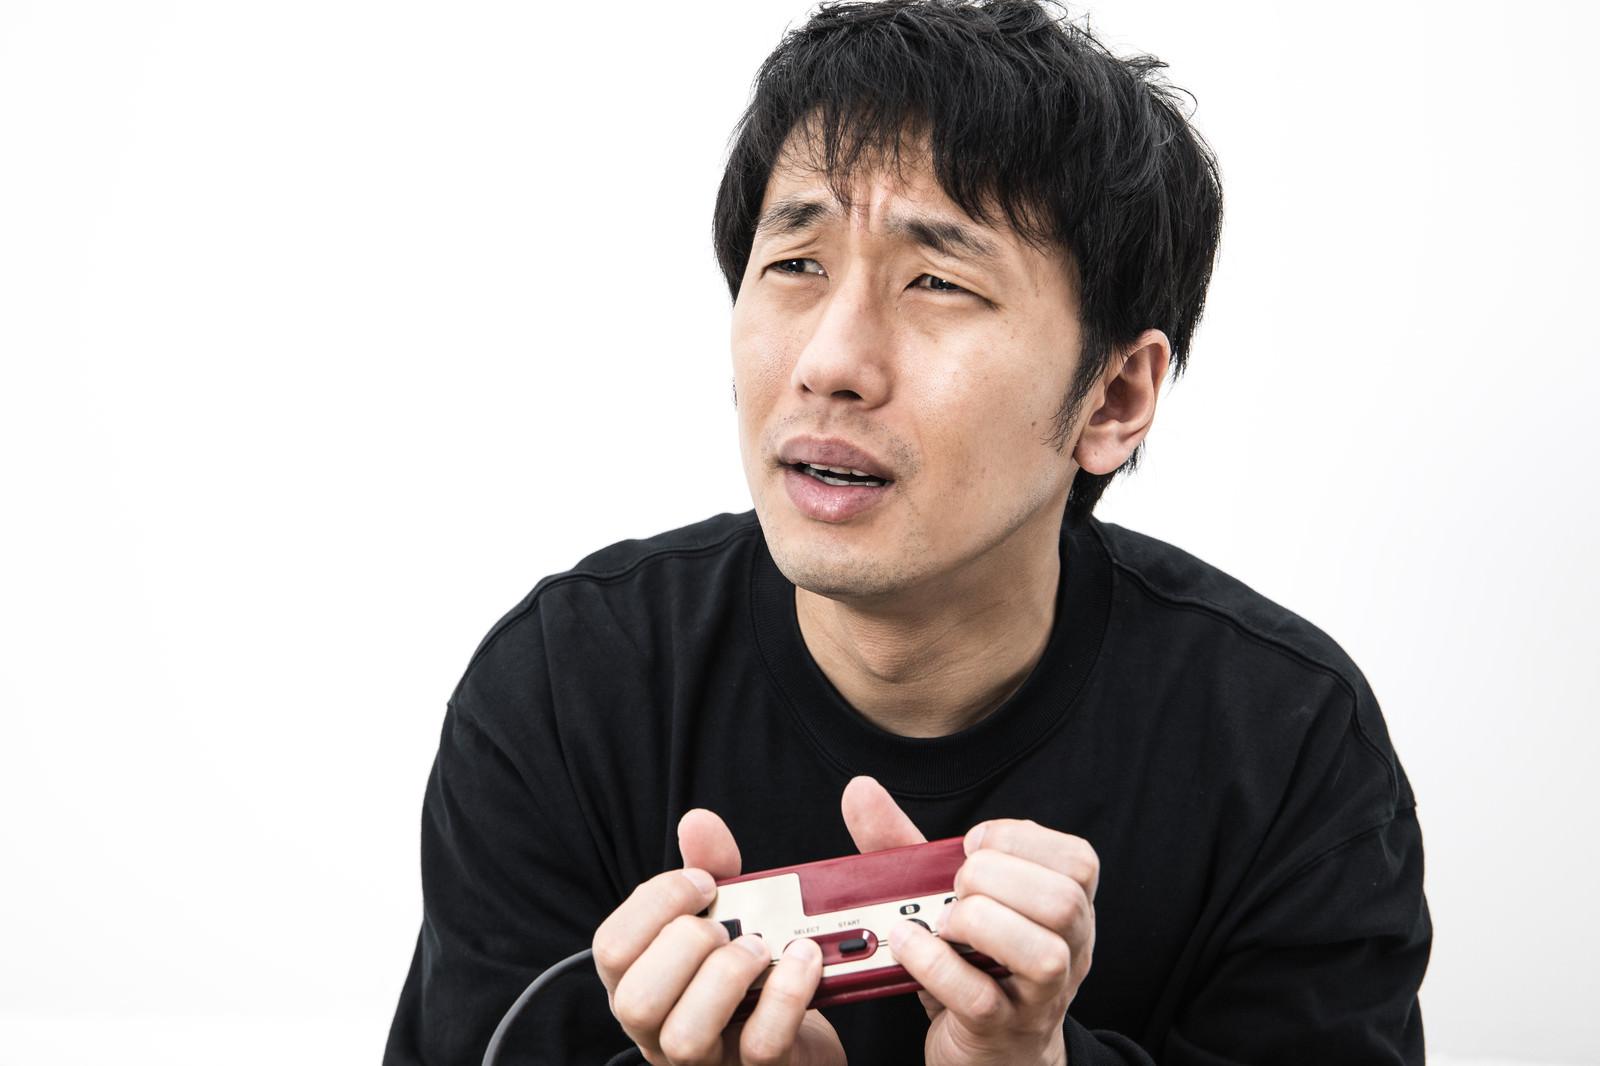 「こんなコントローラーの持ち方じゃうまくプレイできないと涙目のゲーマー」の写真[モデル:大川竜弥]